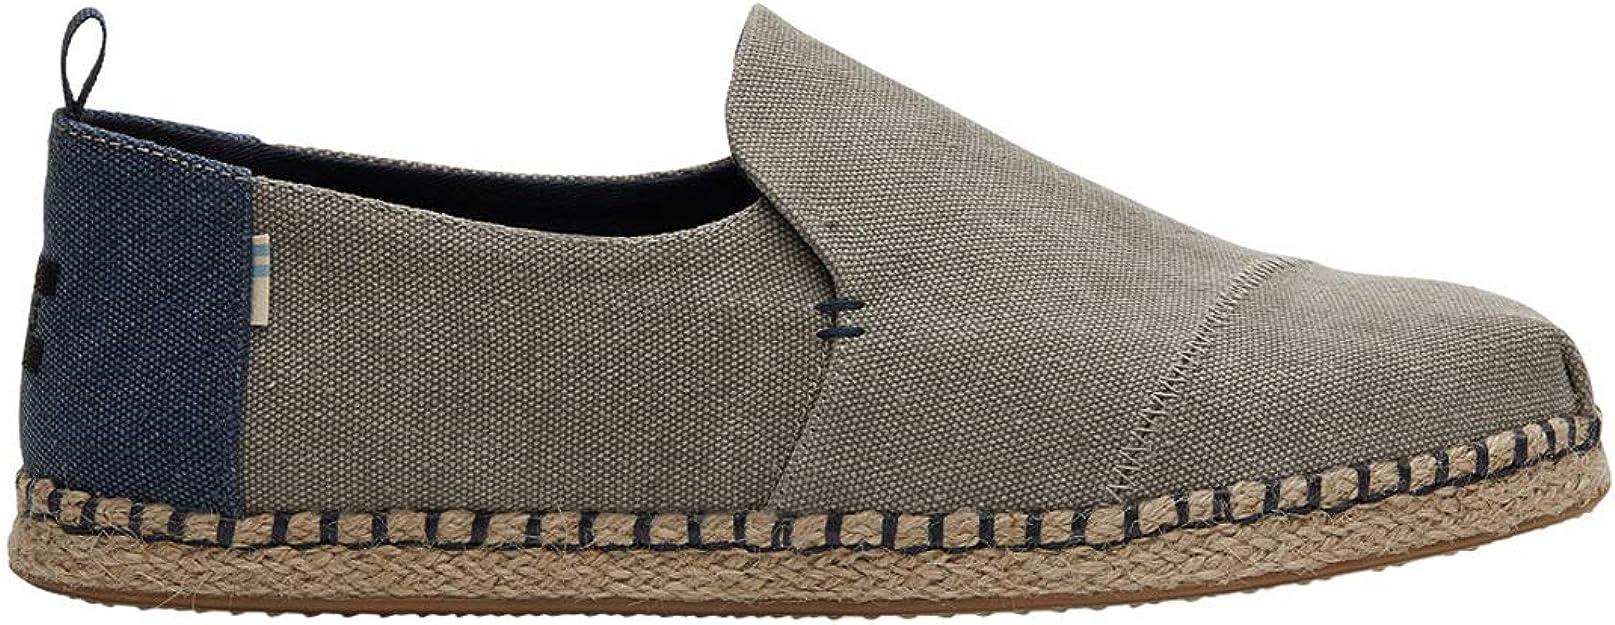 TOMS Herren 10013214 Espadrilles: : Schuhe